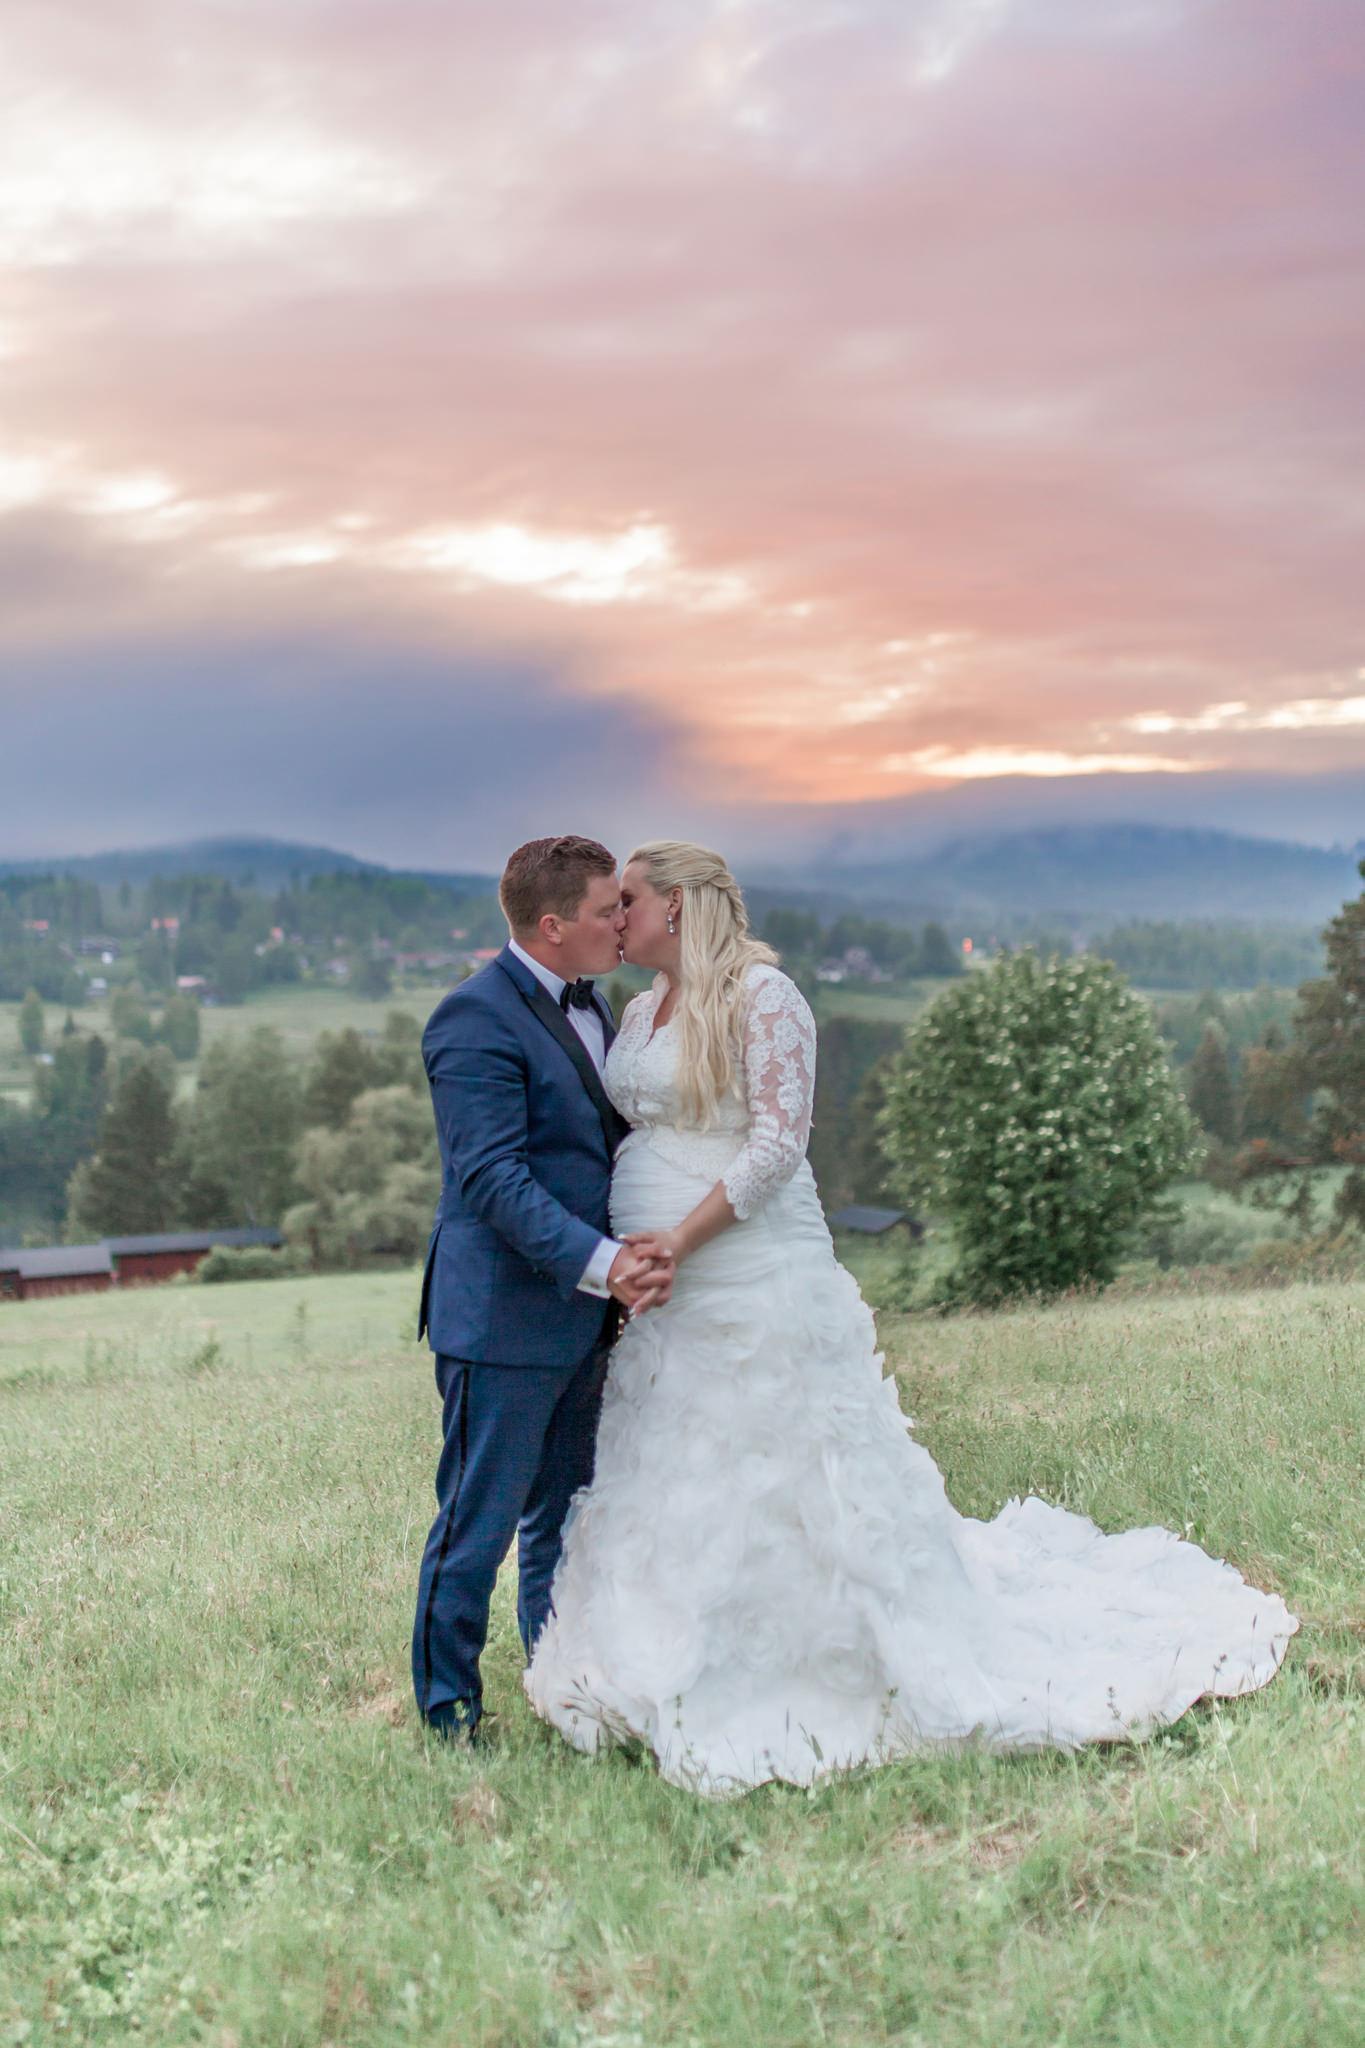 Golden hour på bröllop i Järvsö Hälsingland